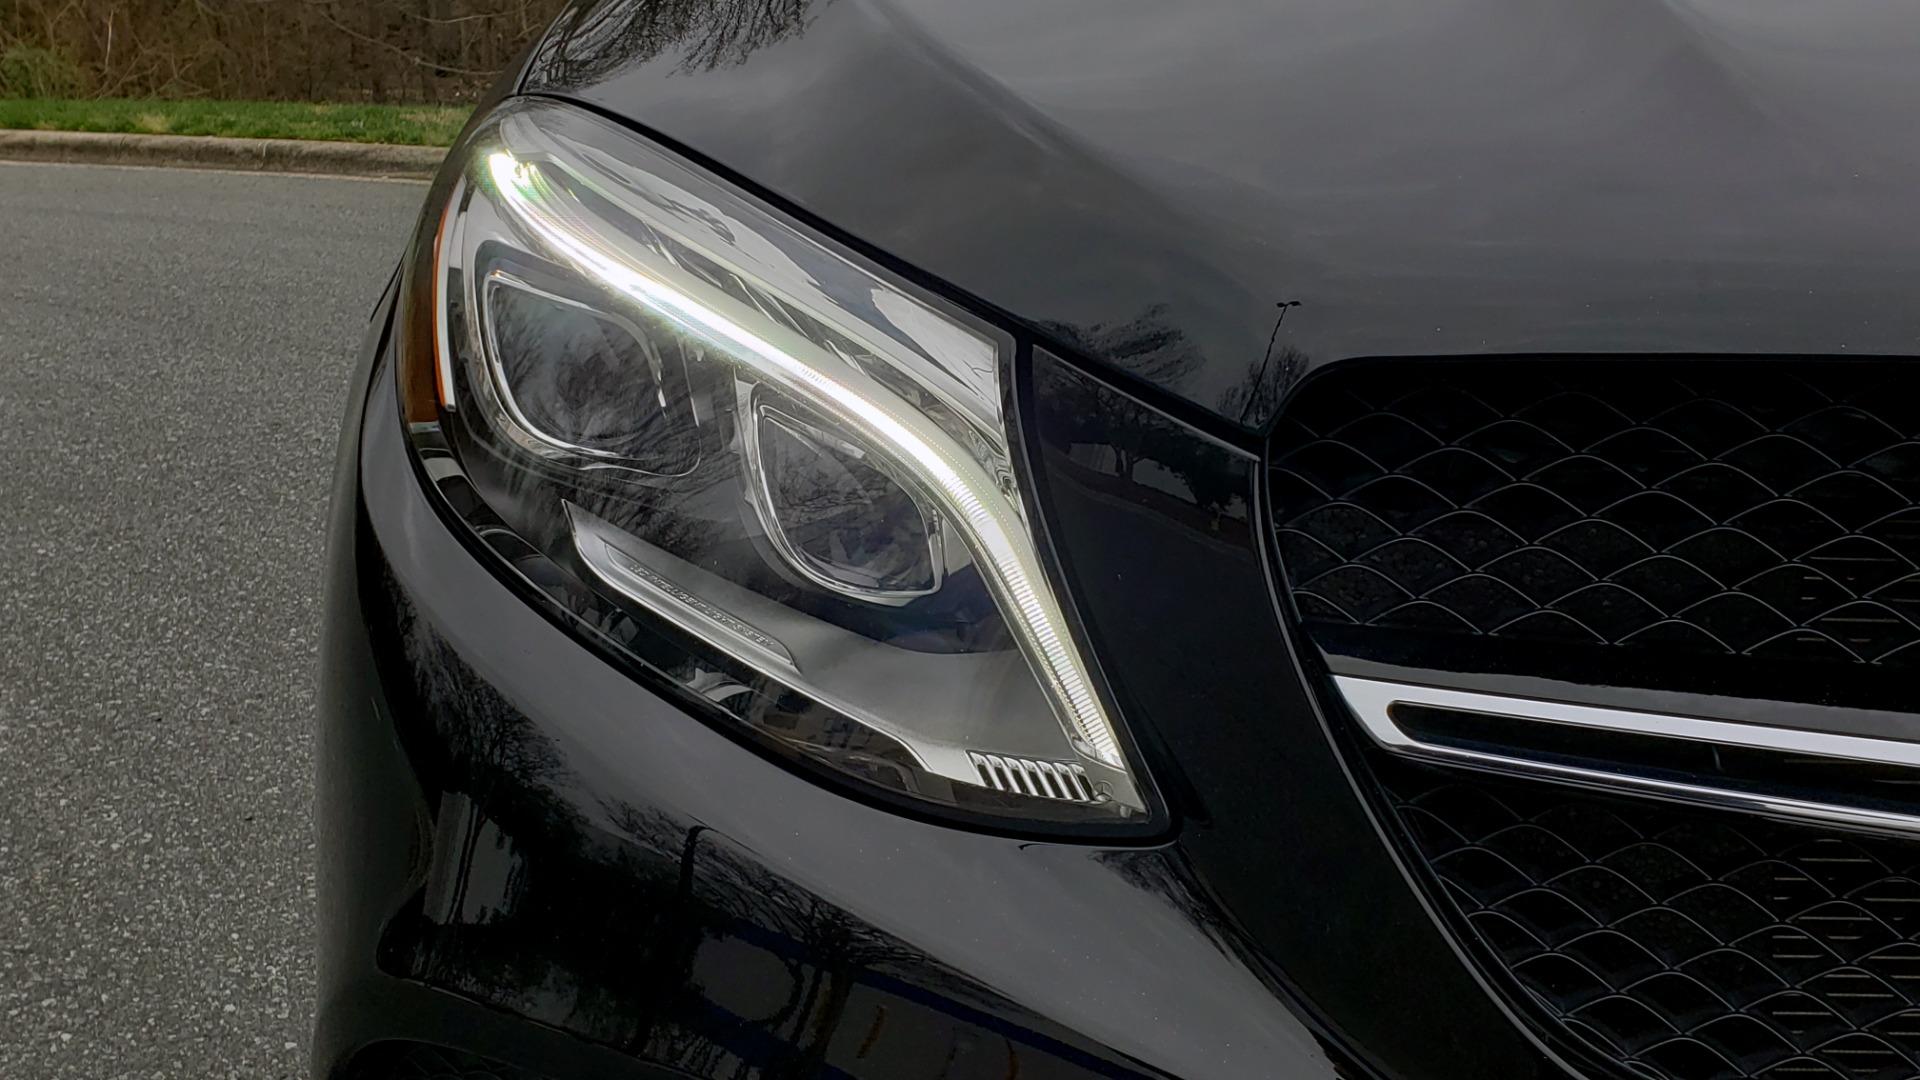 Used 2016 Mercedes-Benz GLE 450 AMG / AWD / PREM PKG / PARK ASST / DRVR ASST / SUNROOF for sale Sold at Formula Imports in Charlotte NC 28227 26